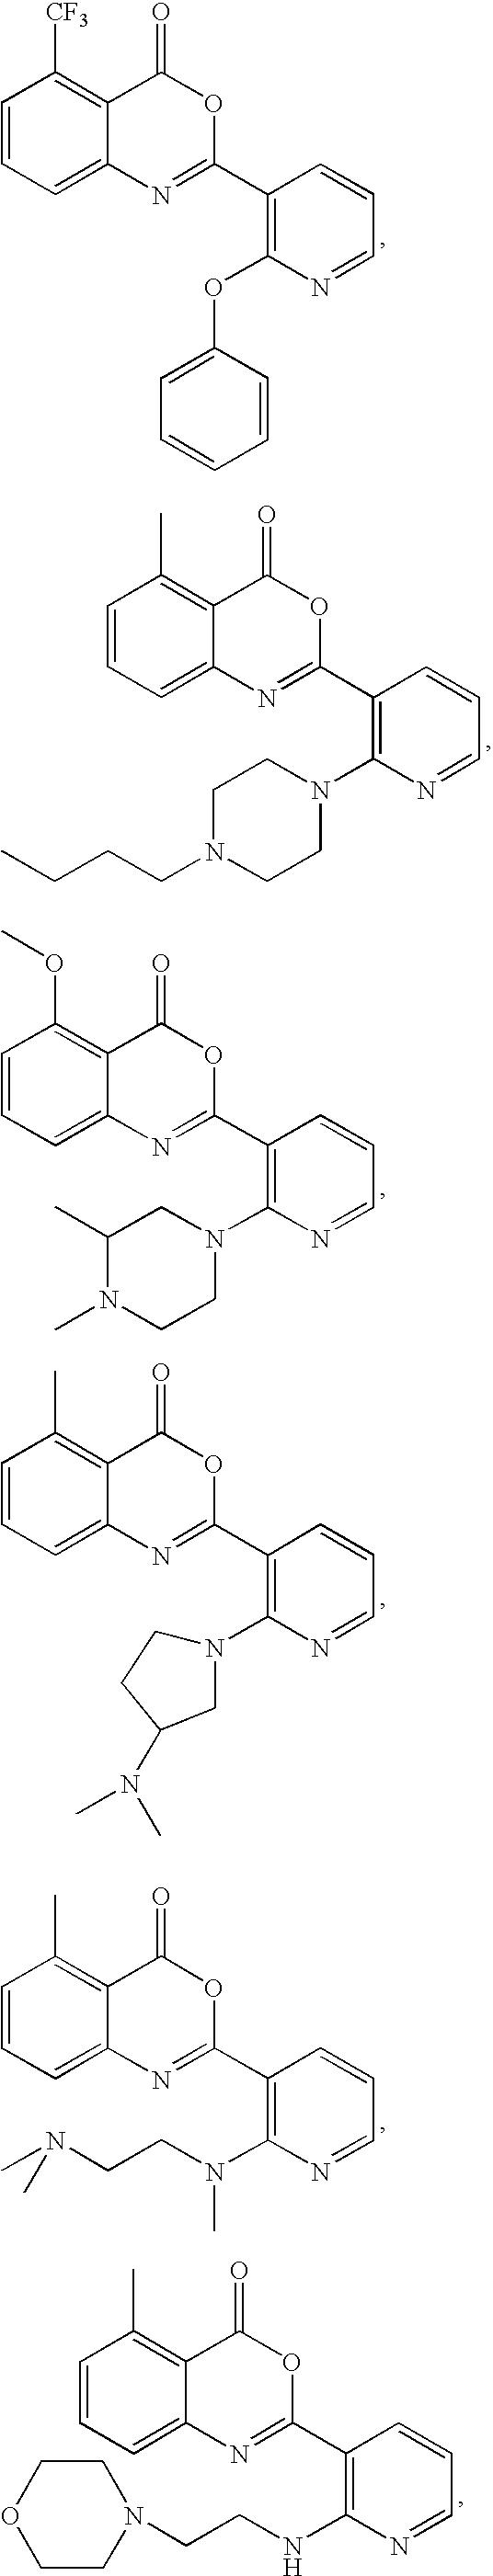 Figure US20080161290A1-20080703-C00382